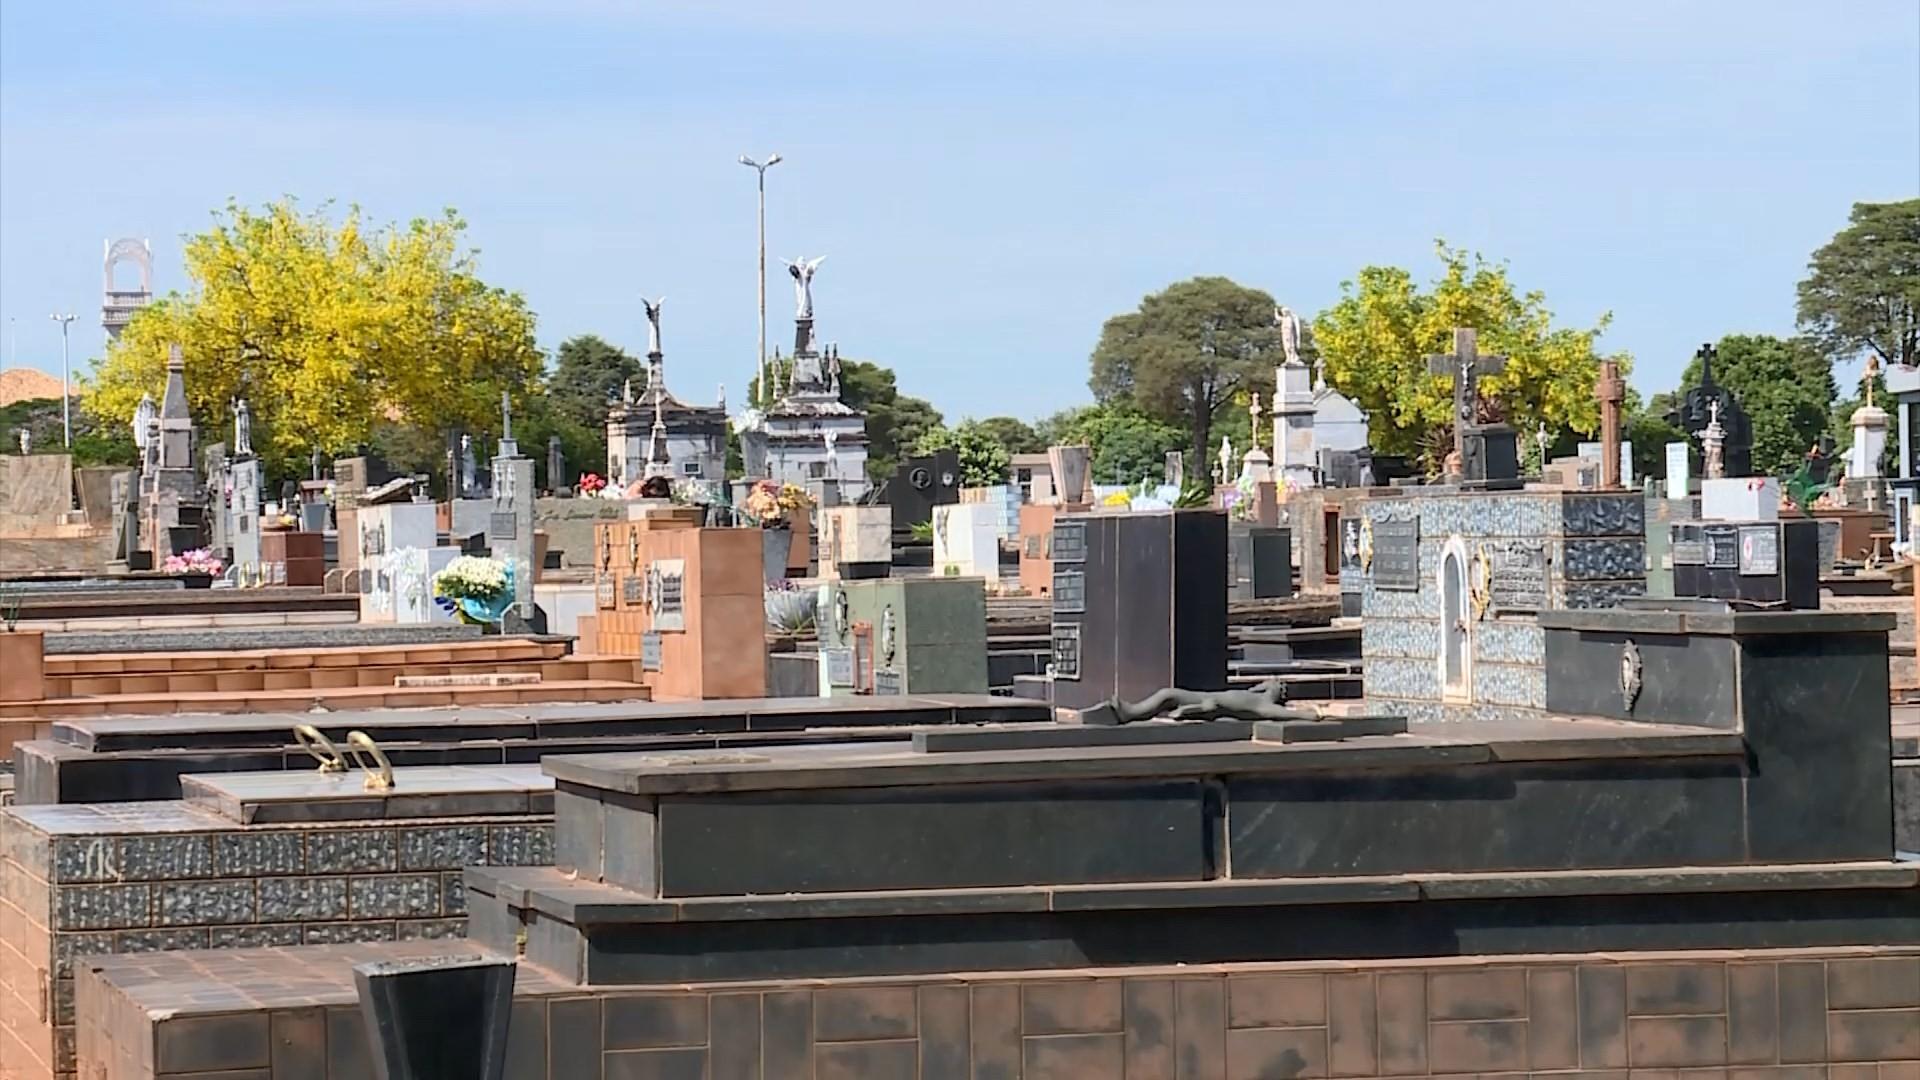 Prefeitura de Uberaba se compromete a organizar estrutura administrativa de cemitérios da cidade até 2023